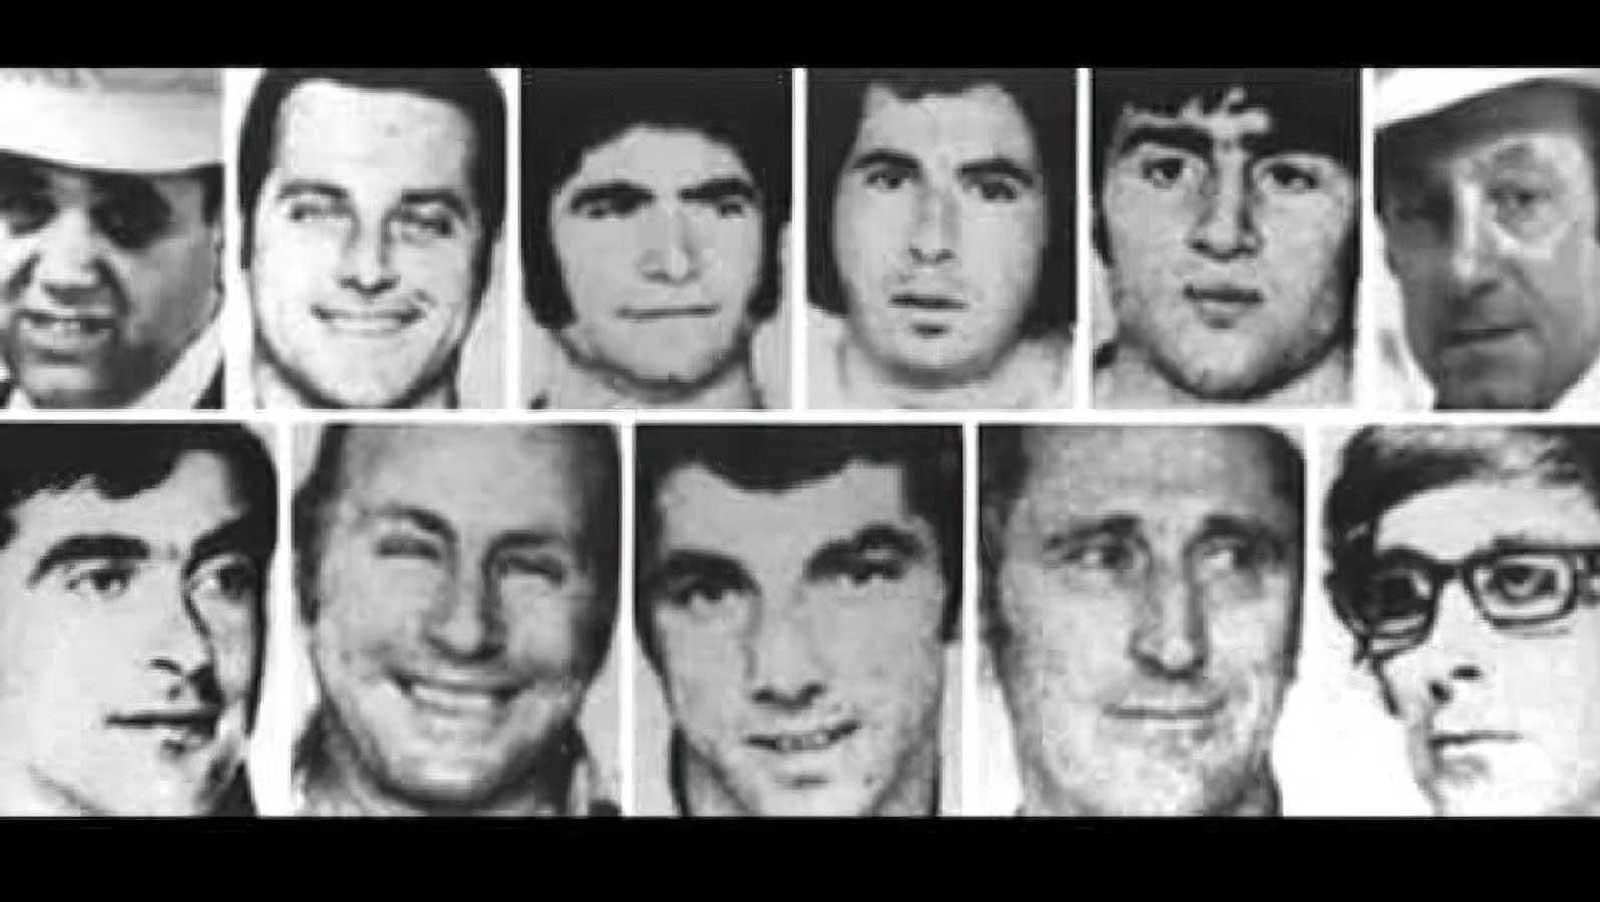 Víctimas israelíes de la Masacre de Múnich son honradas en la inauguración de Tokio 2020